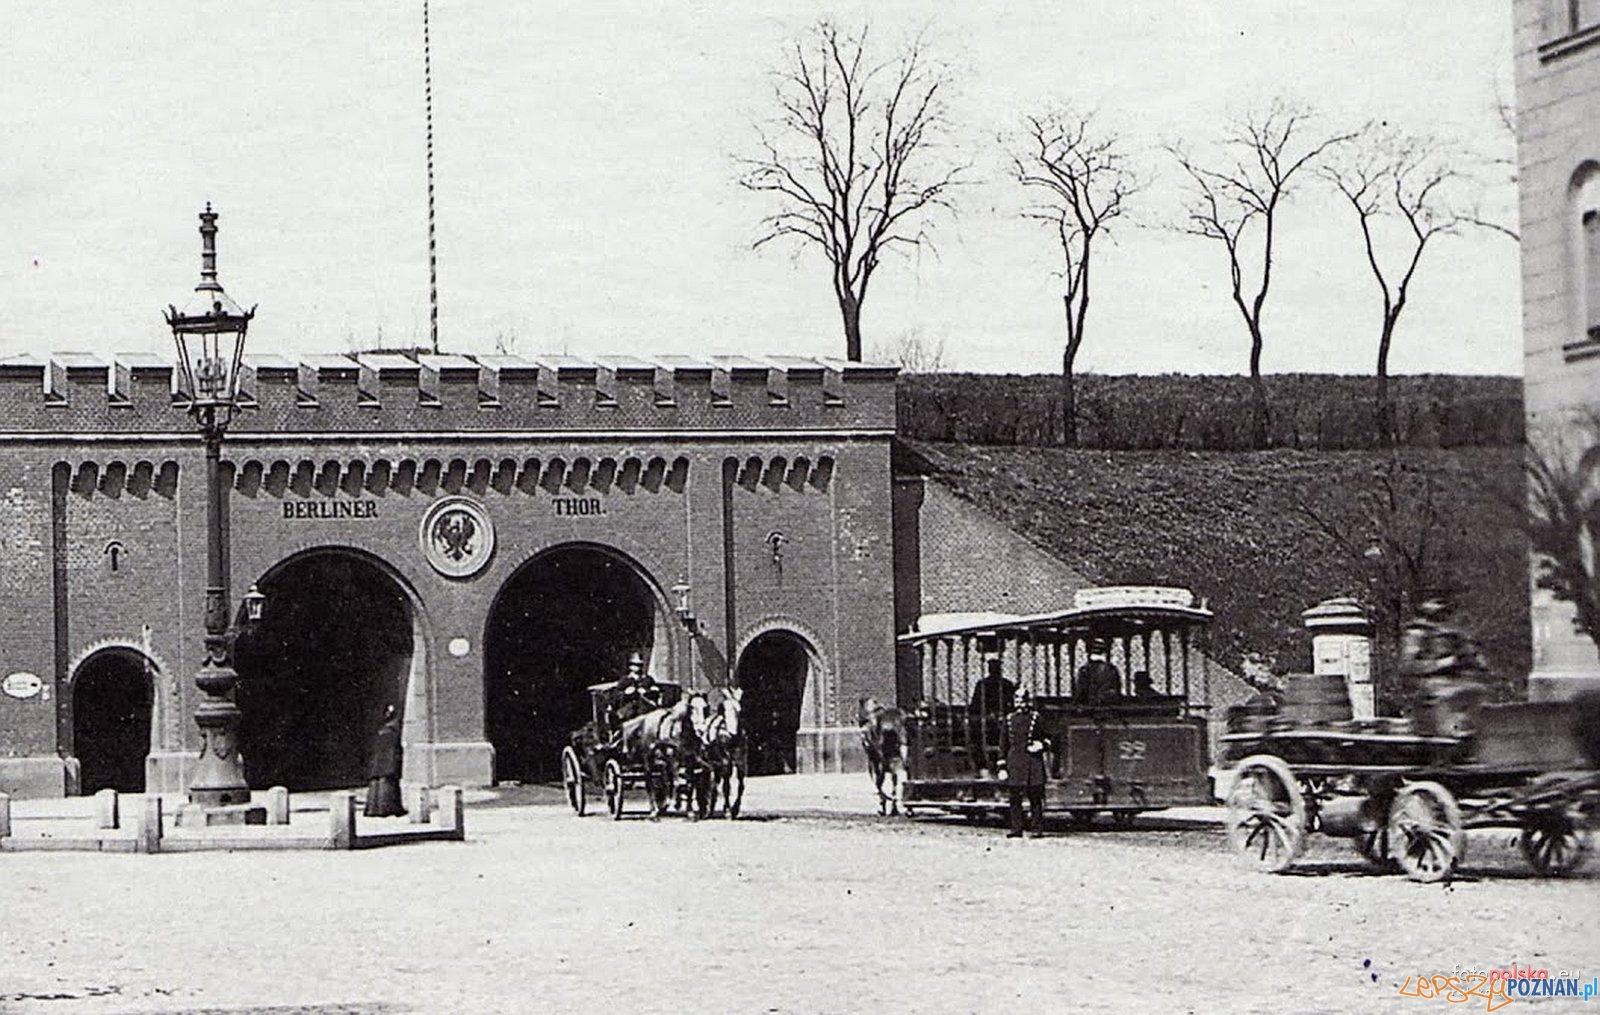 Brama Berlińska, zdjęcie wykonane od strony centrum miasta - w kierunku zachodnim w stronę Jeżyc - rok 1900